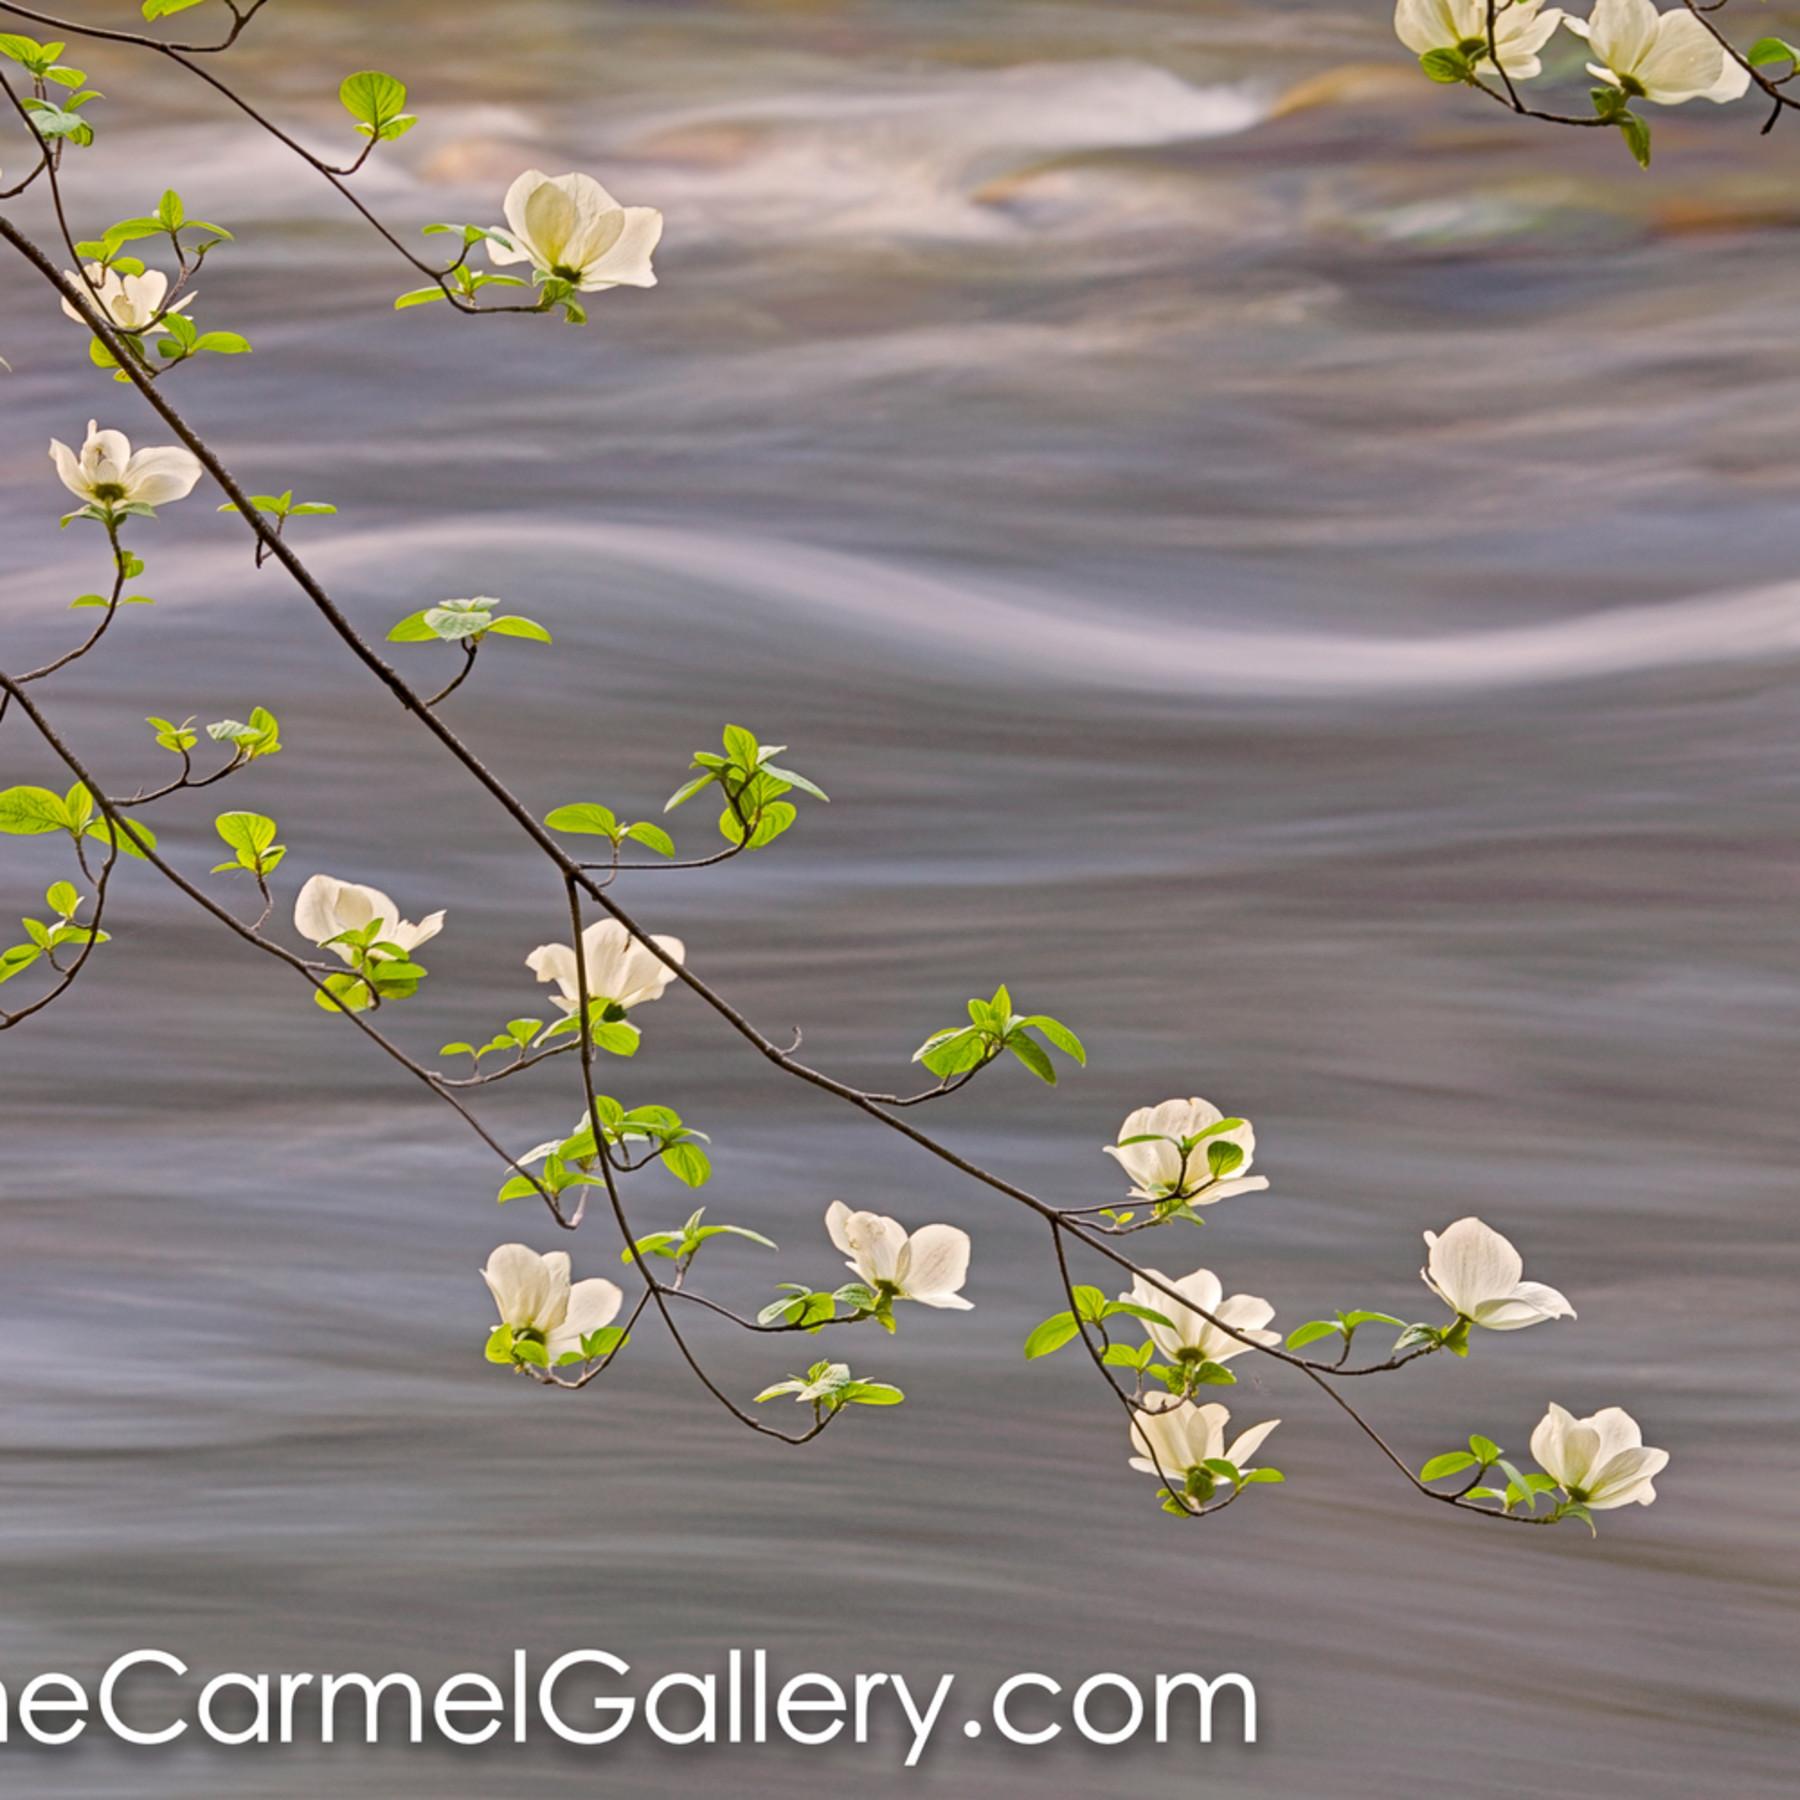 Spring dogwood merced river gkhlbn